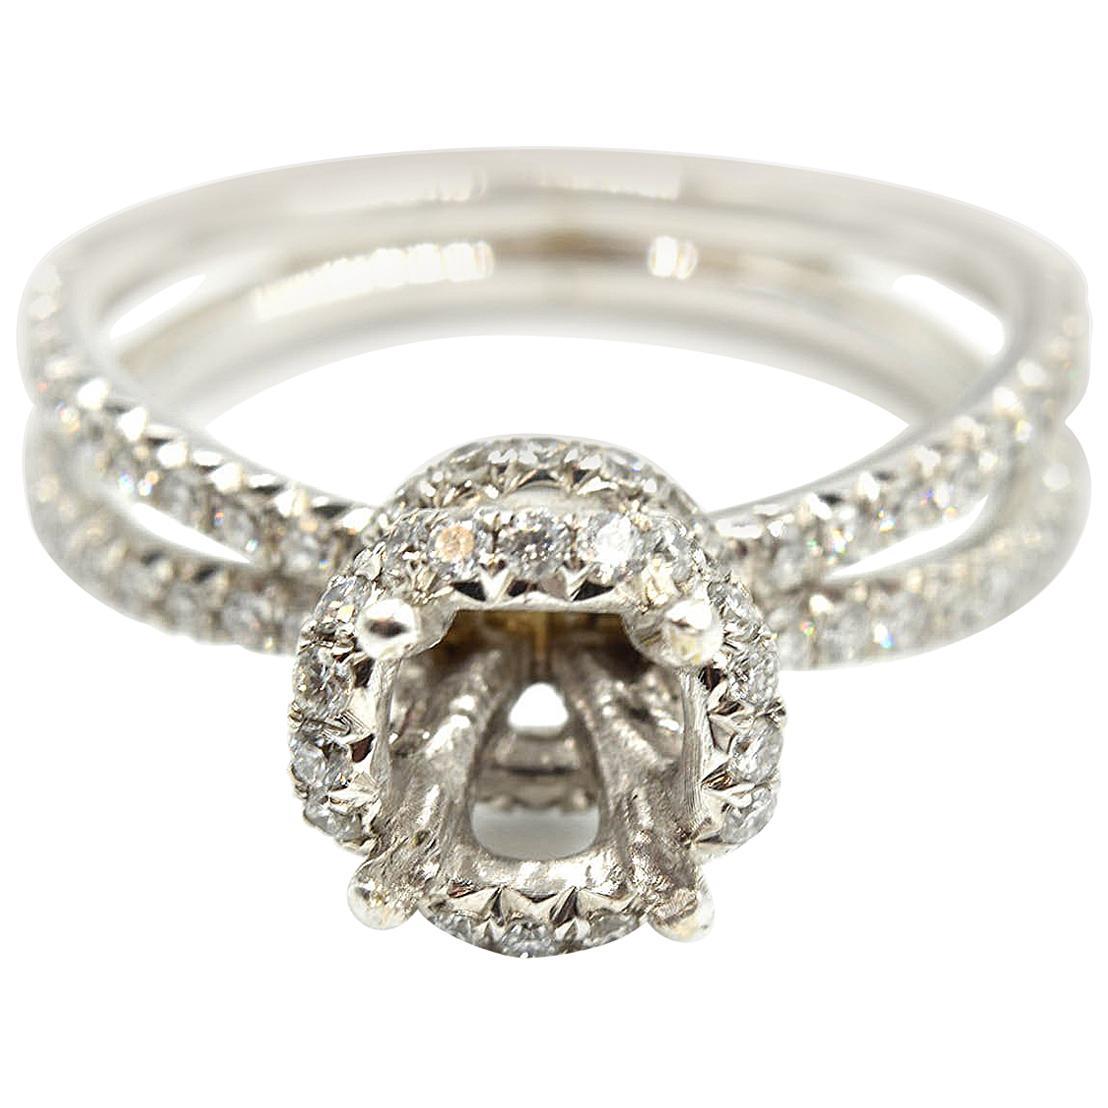 0.65 Carat Diamond 14 Karat White Gold Semi-Mount Engagement Ring